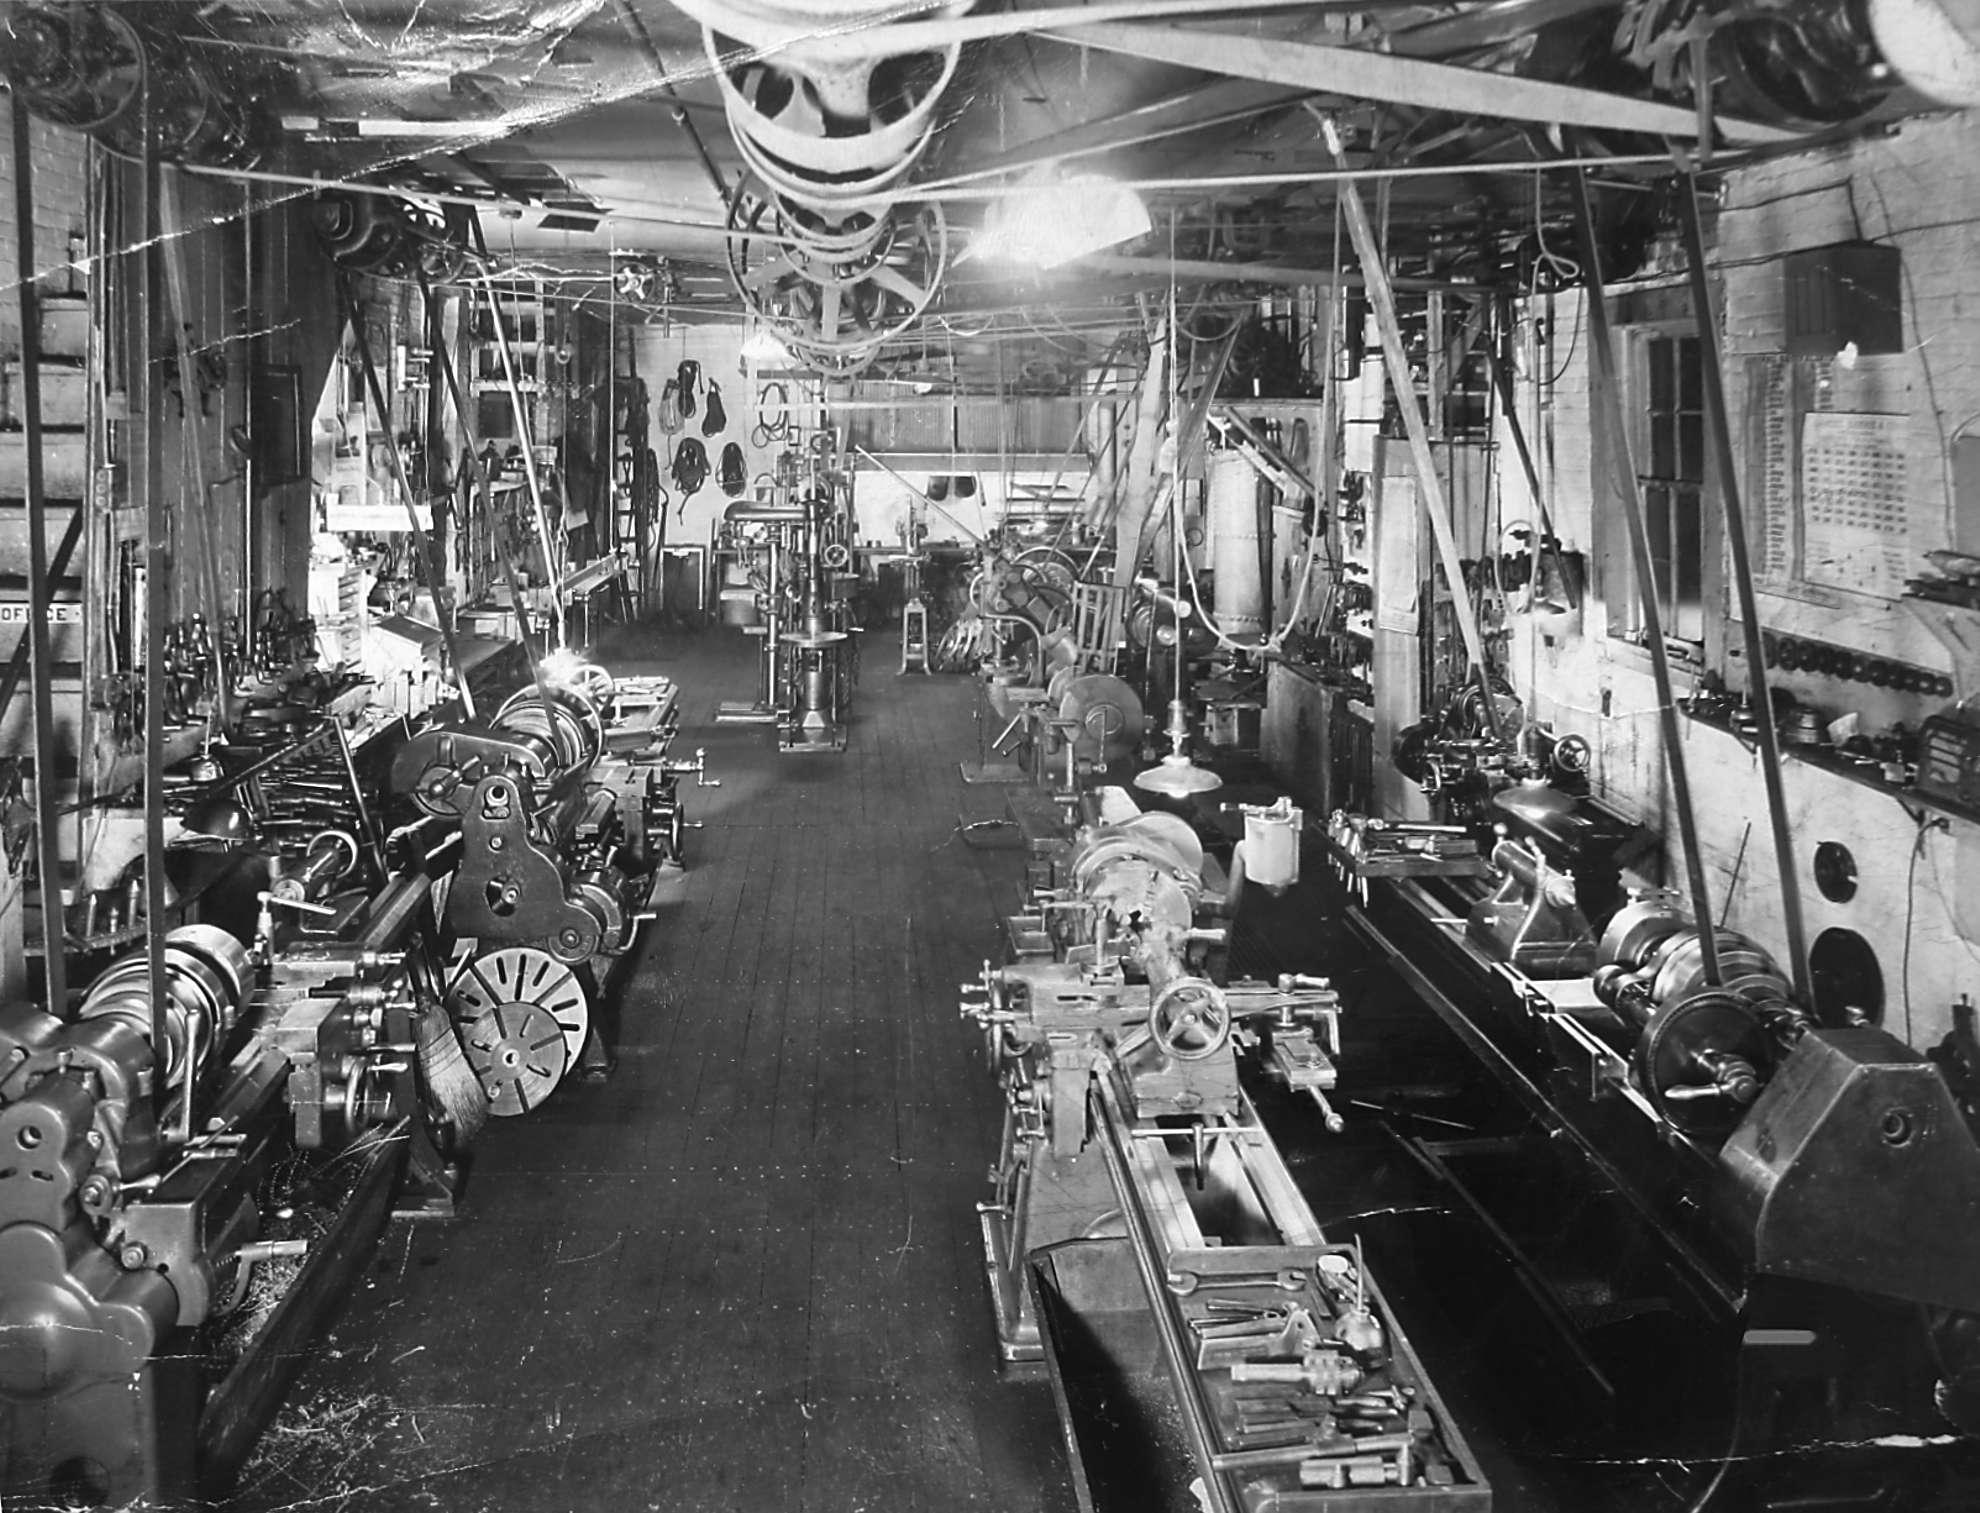 BOLD MACHINE WORKS - SHOP IN 1948